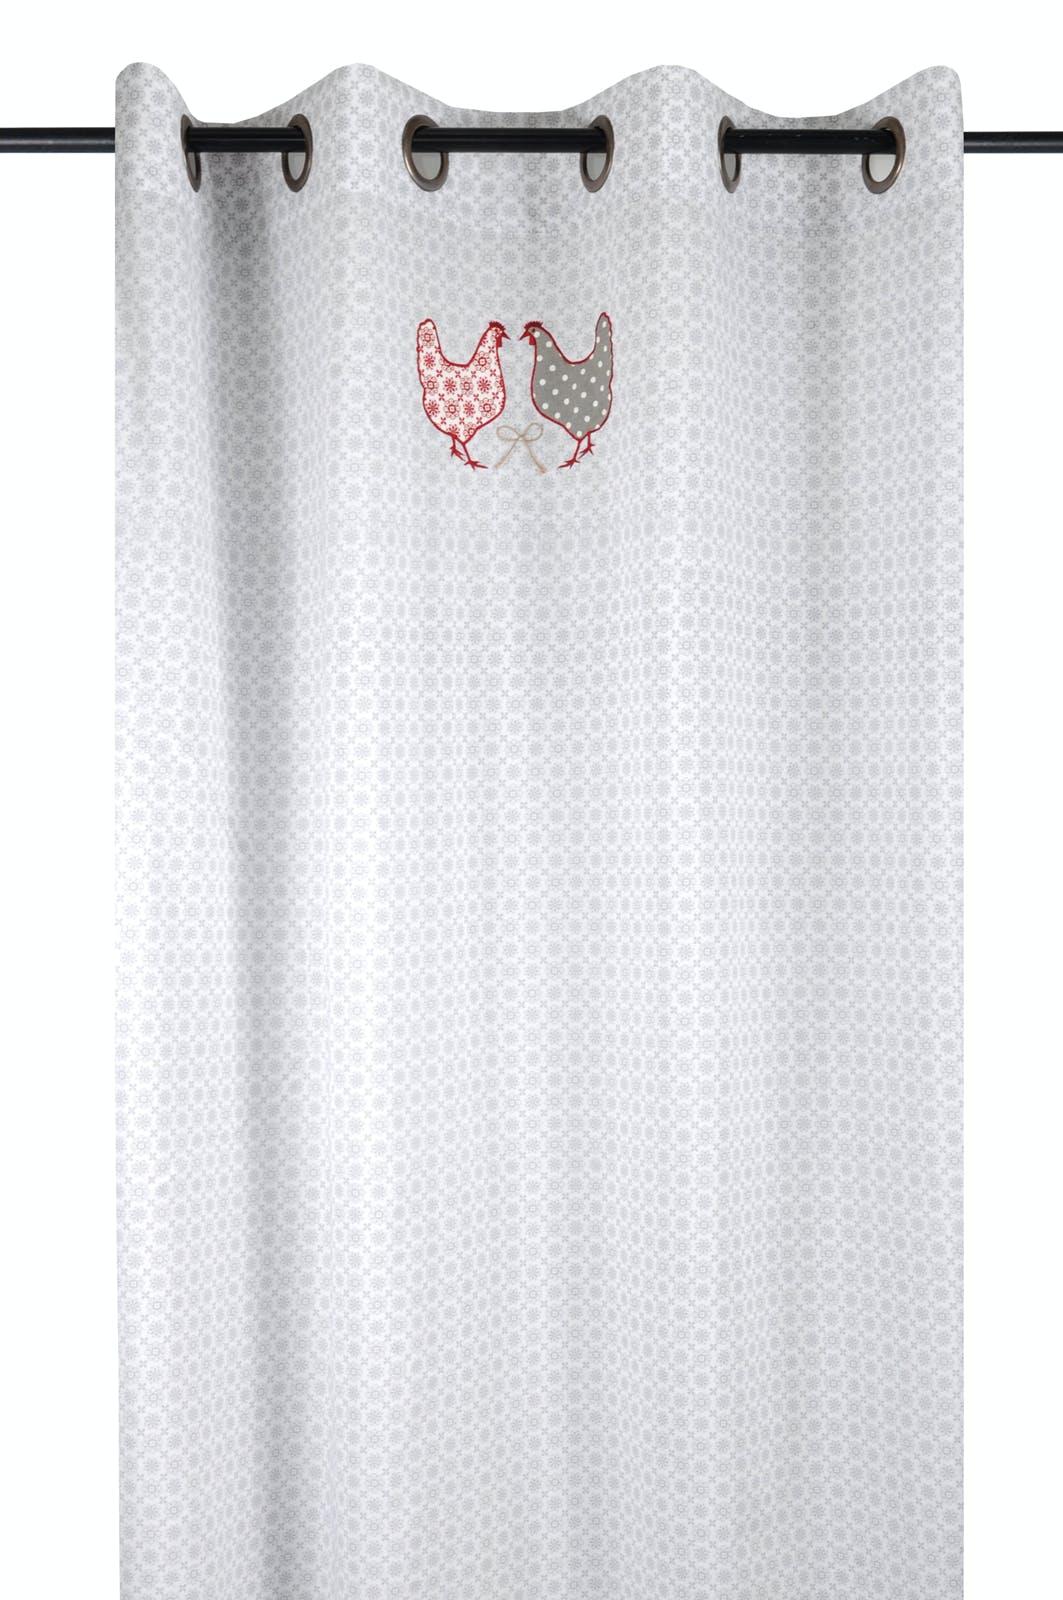 rideau voilage campagne romantique blanc motif floral gris decor poules brodees 135x260cm a oeillets 100 coton padou